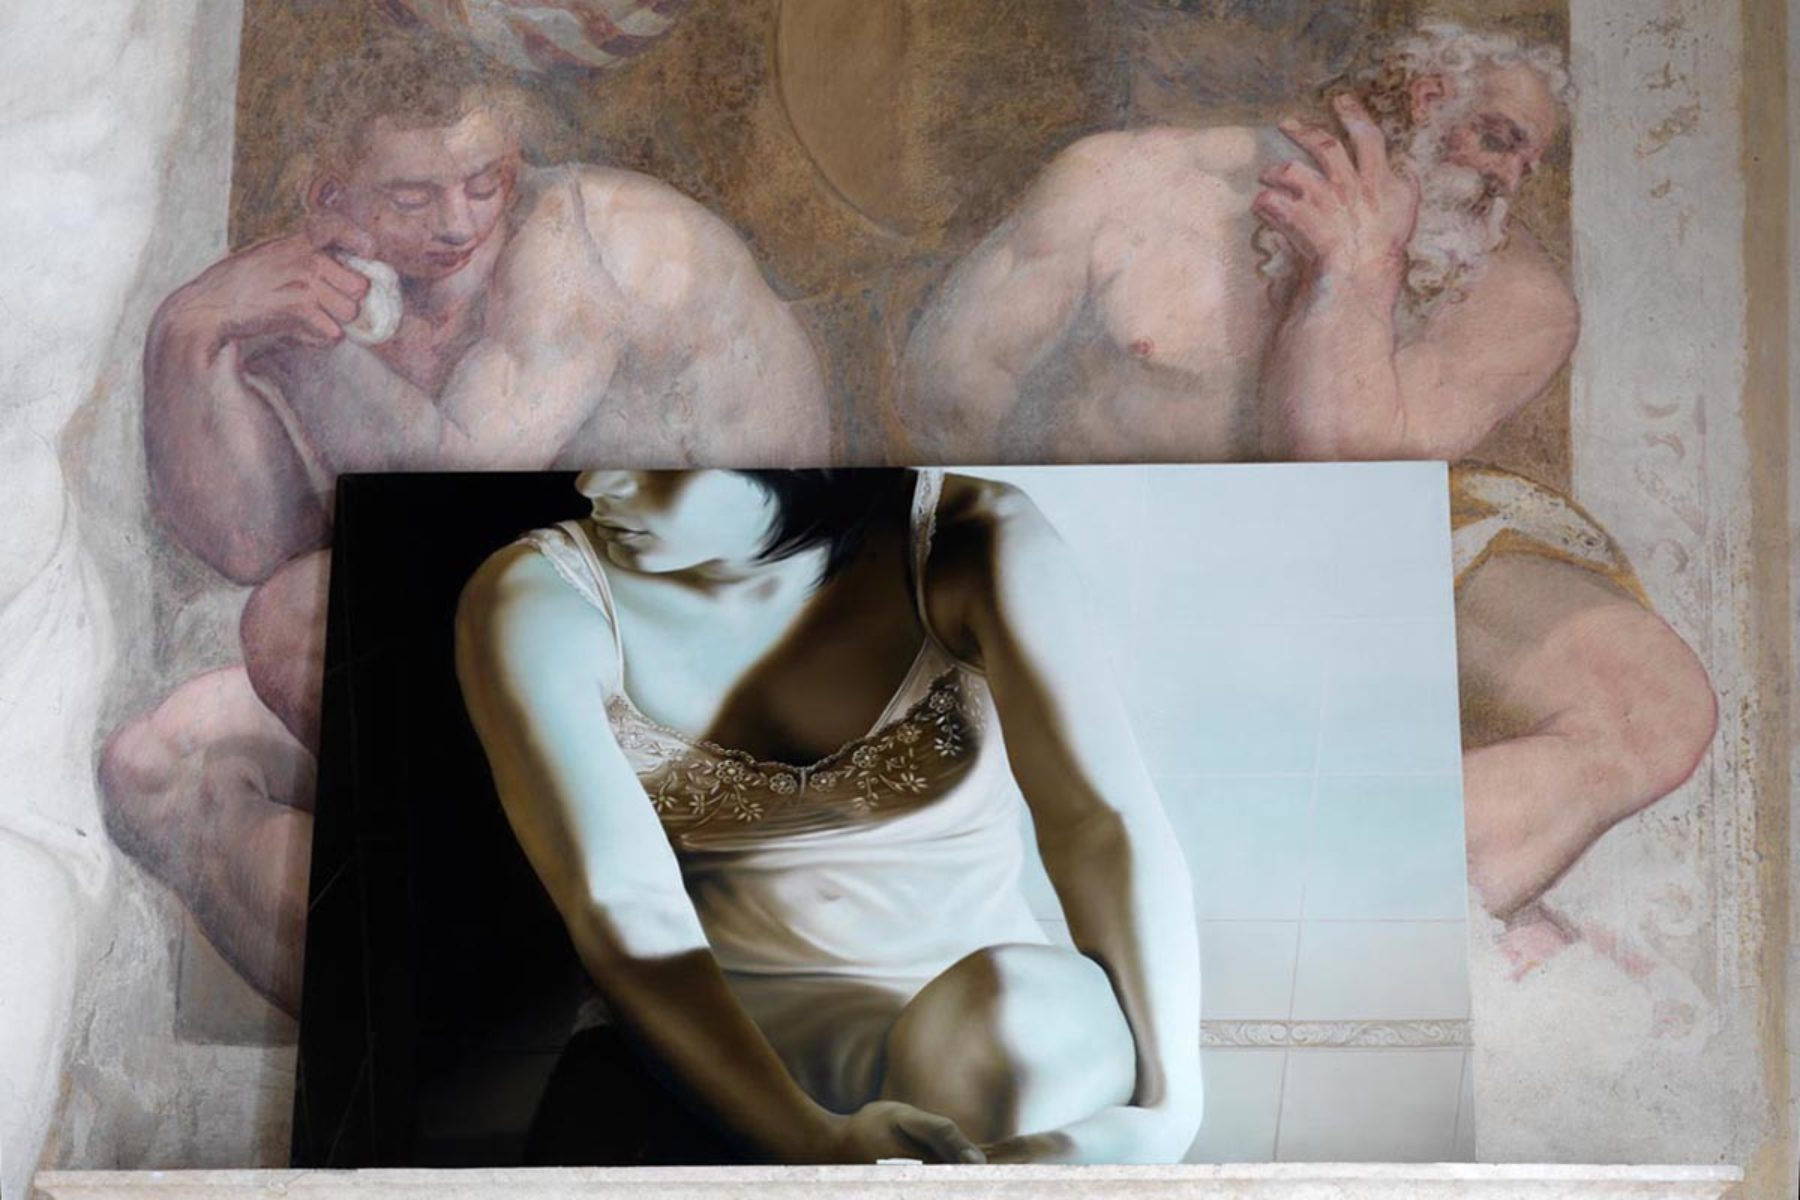 E. Rossi, Mon Chérie, exhibition view, Caldogno